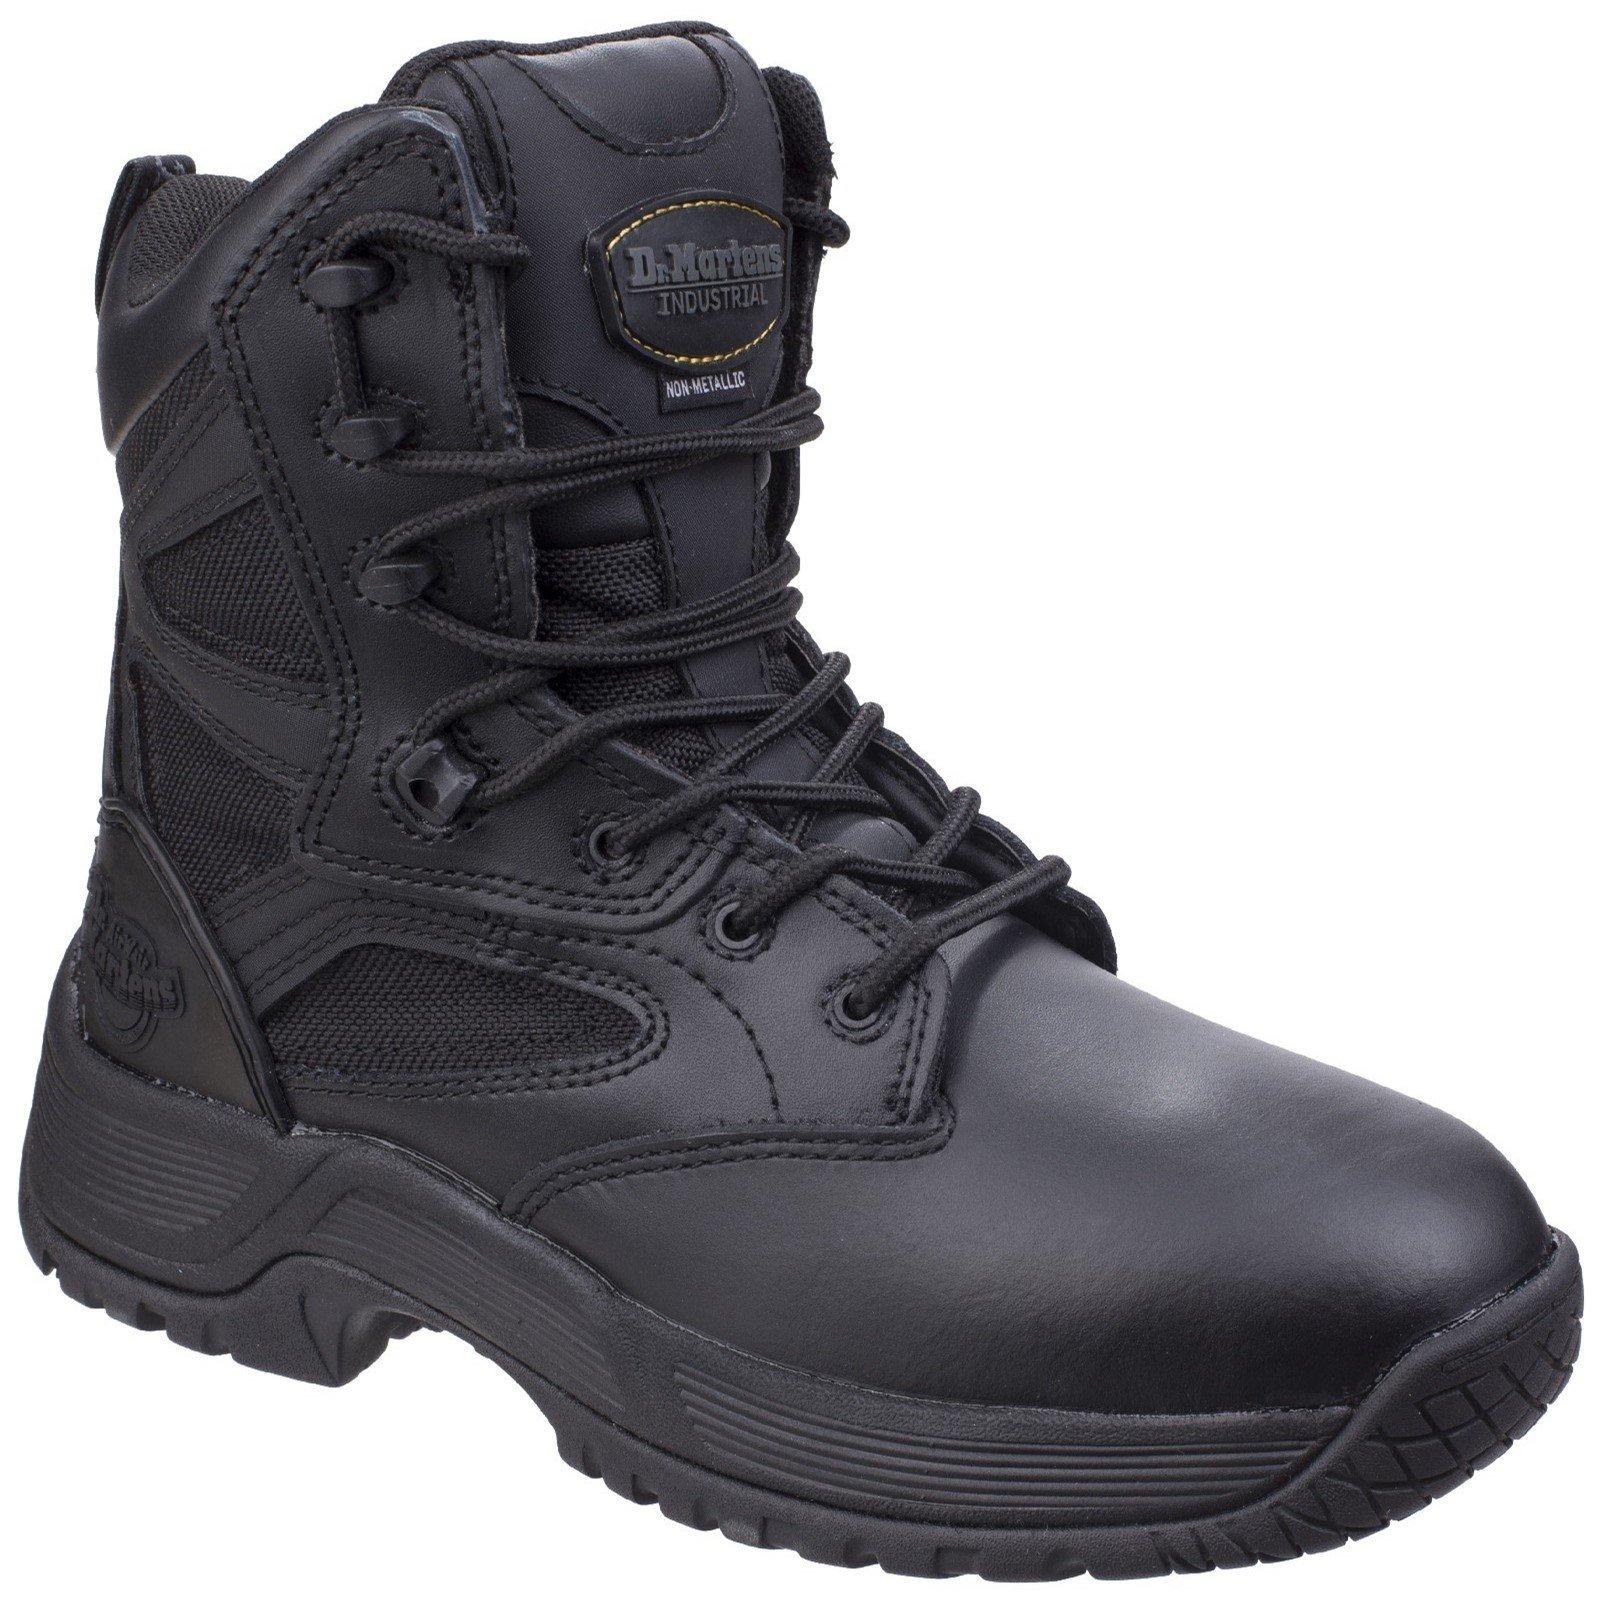 Dr Martens Unisex Skelton Service Boot Black 26028 - Black 13